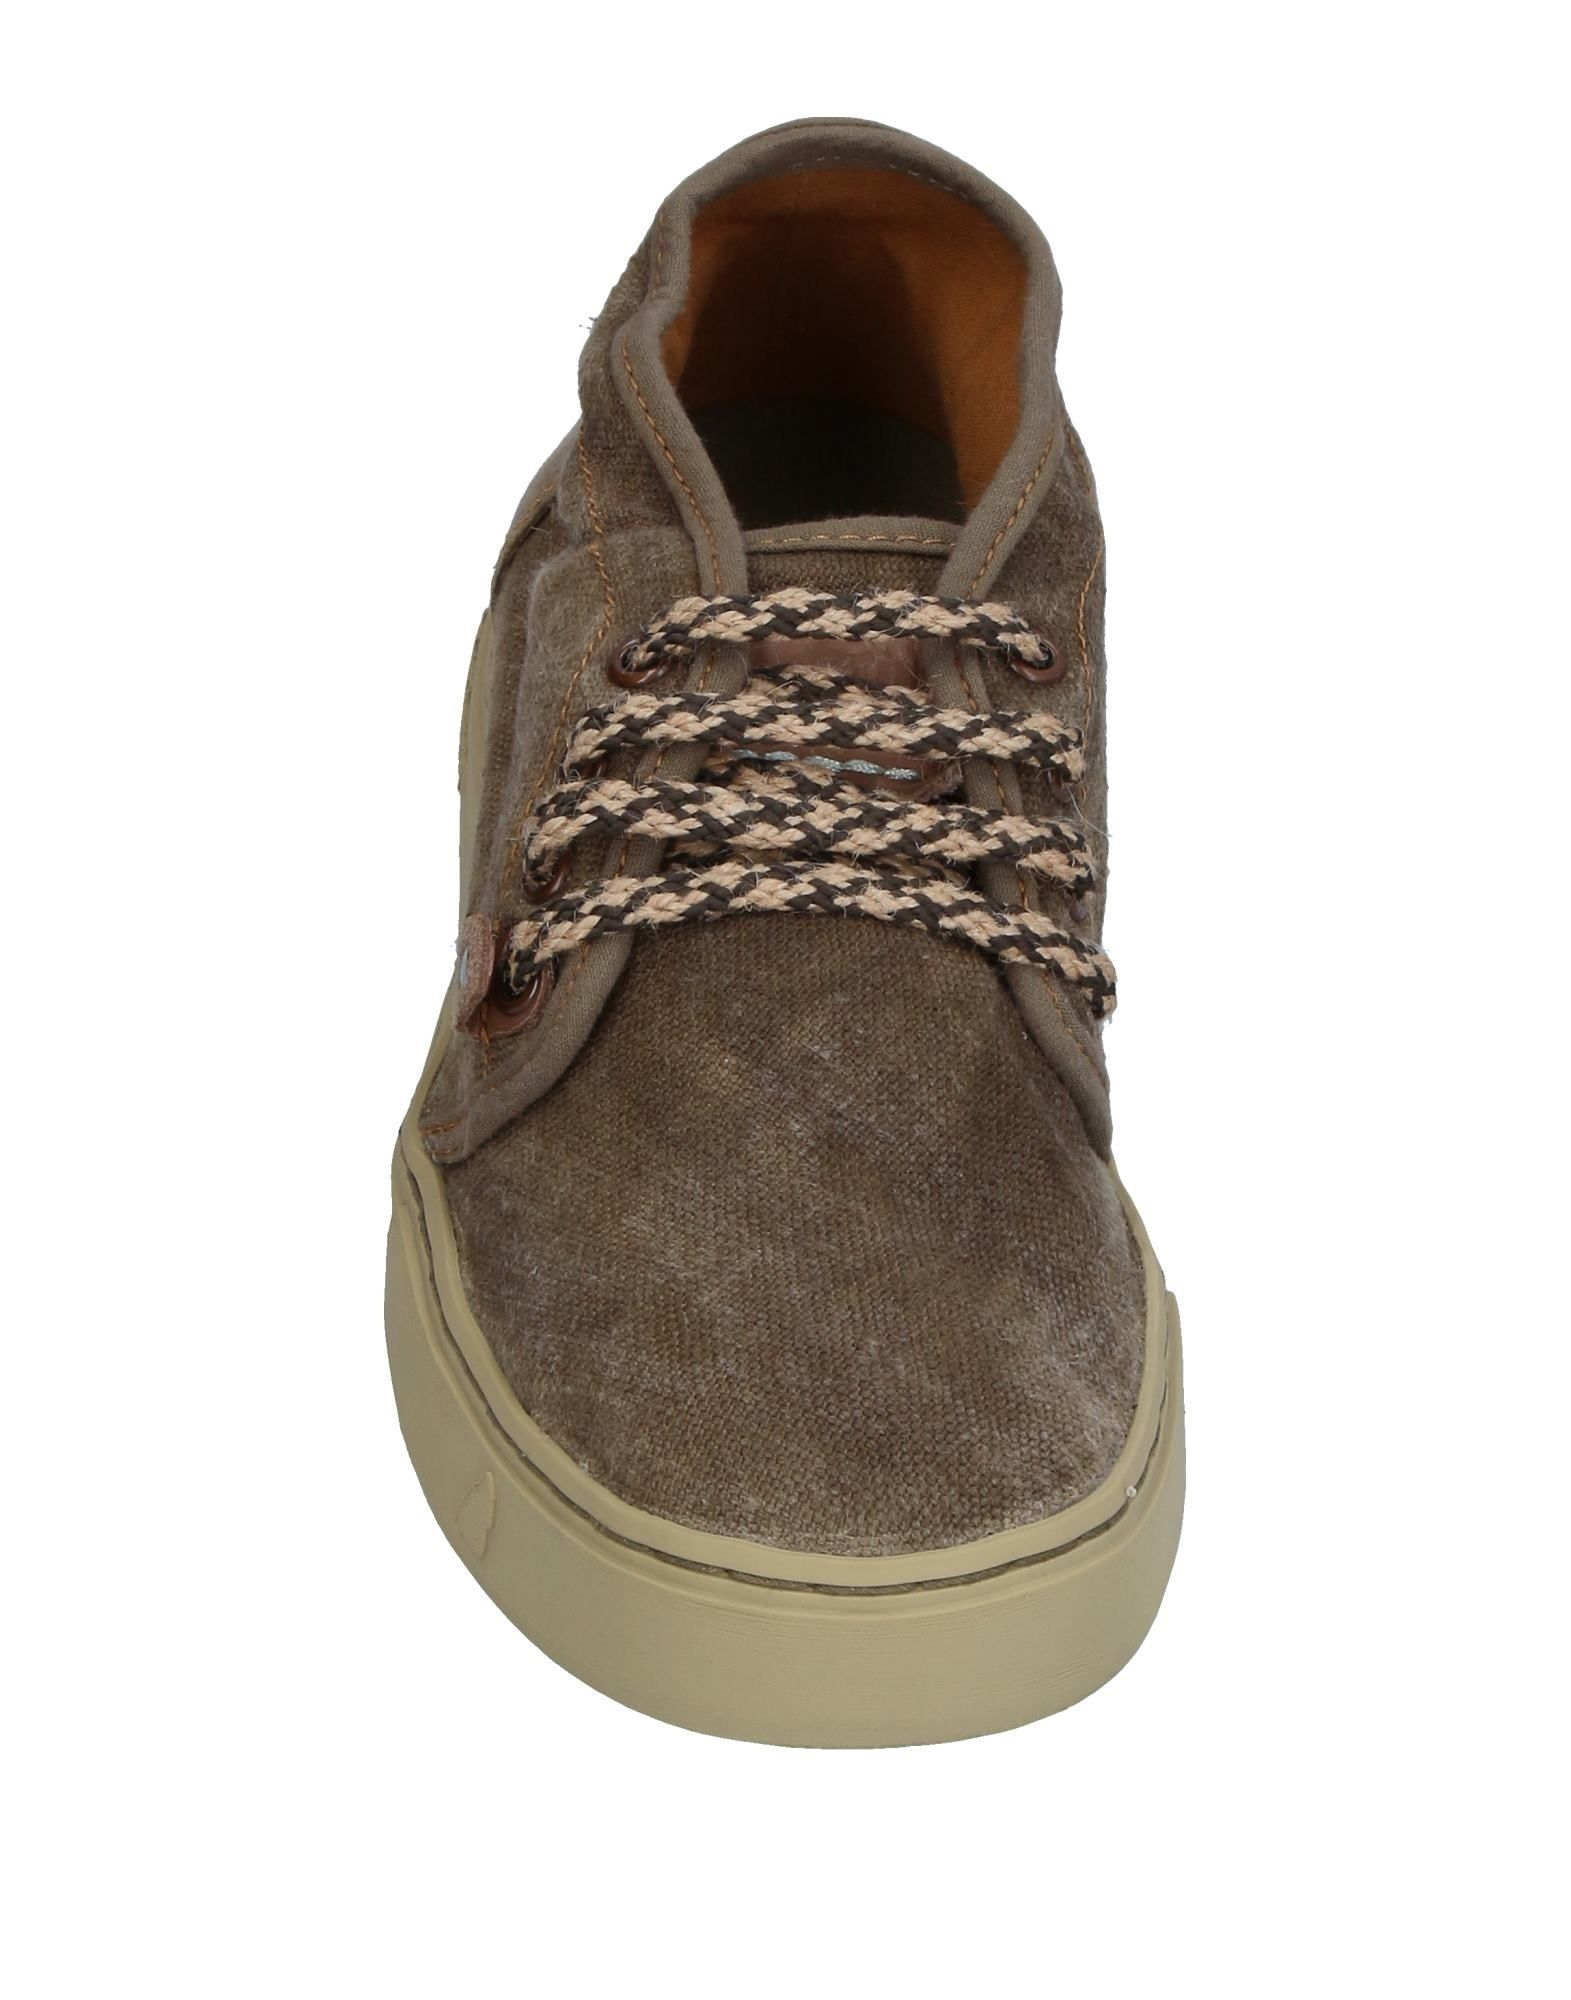 Rabatt echte Schuhe Herren Satorisan Sneakers Herren Schuhe  11339006JO 4bbc5a